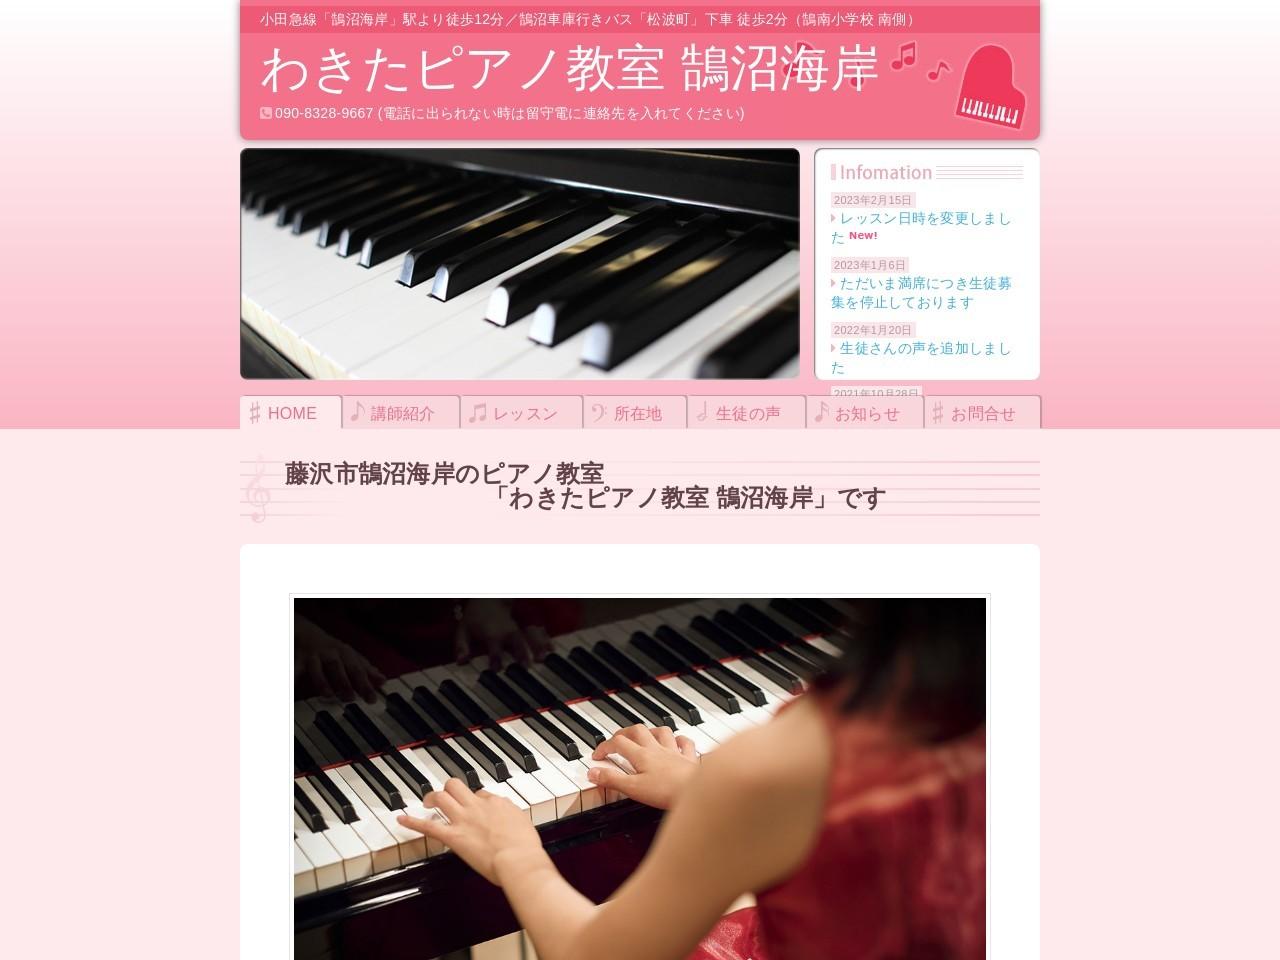 わきたピアノ教室のサムネイル